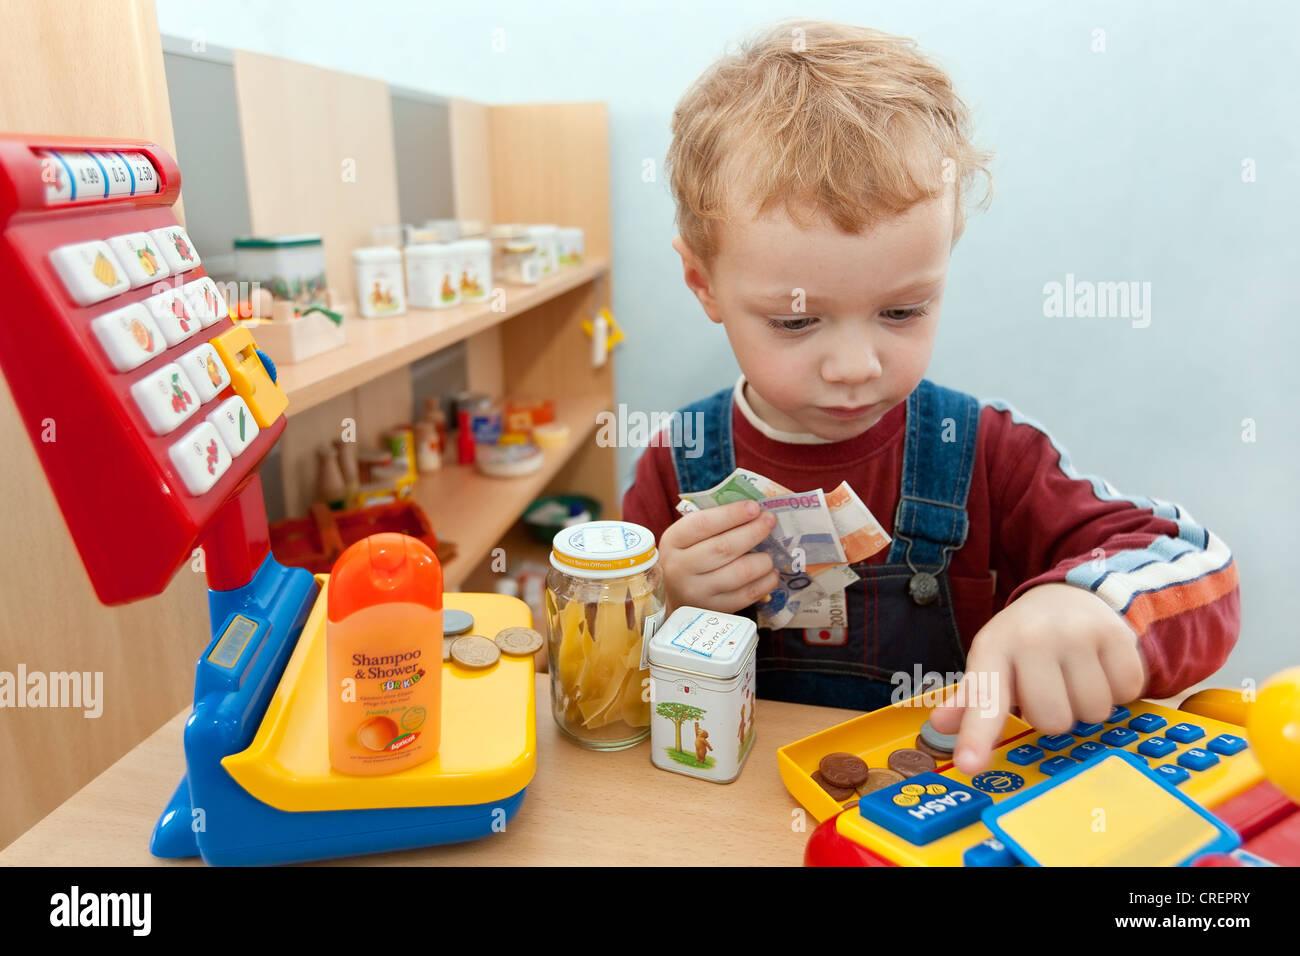 Junge, 2, spielen mit einem Spielzeug-Lebensmittelgeschäft Stockbild